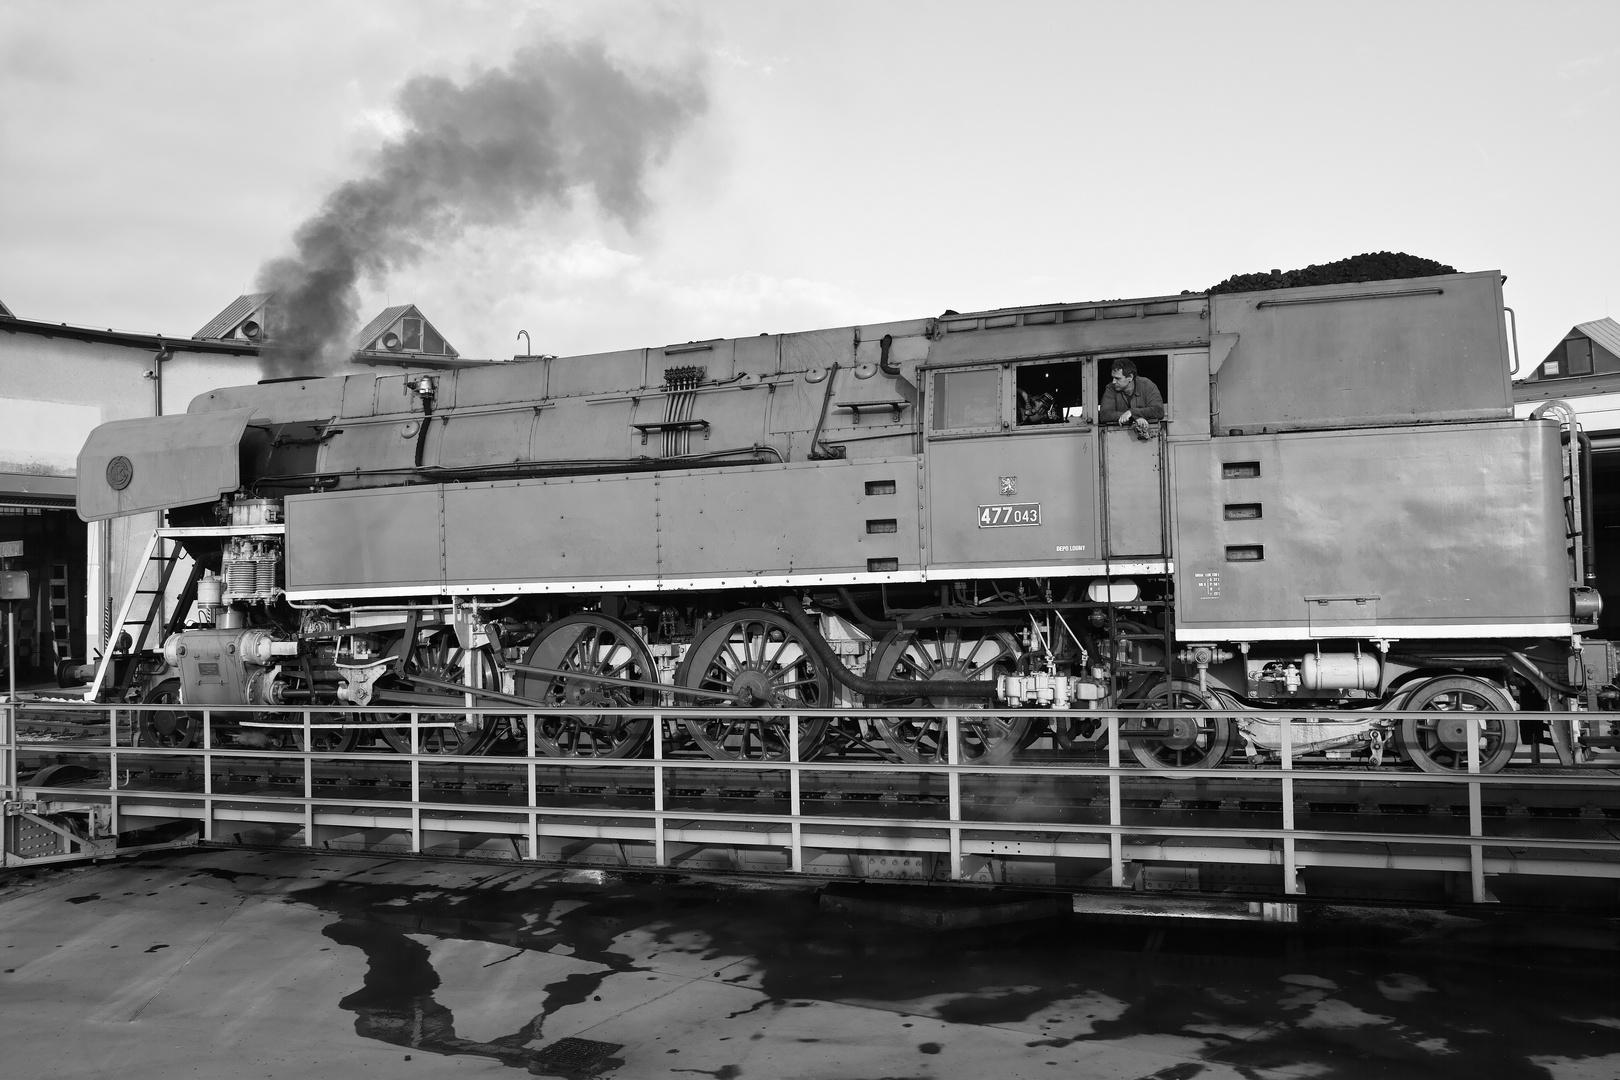 Die Tenderlokomotive 477 043